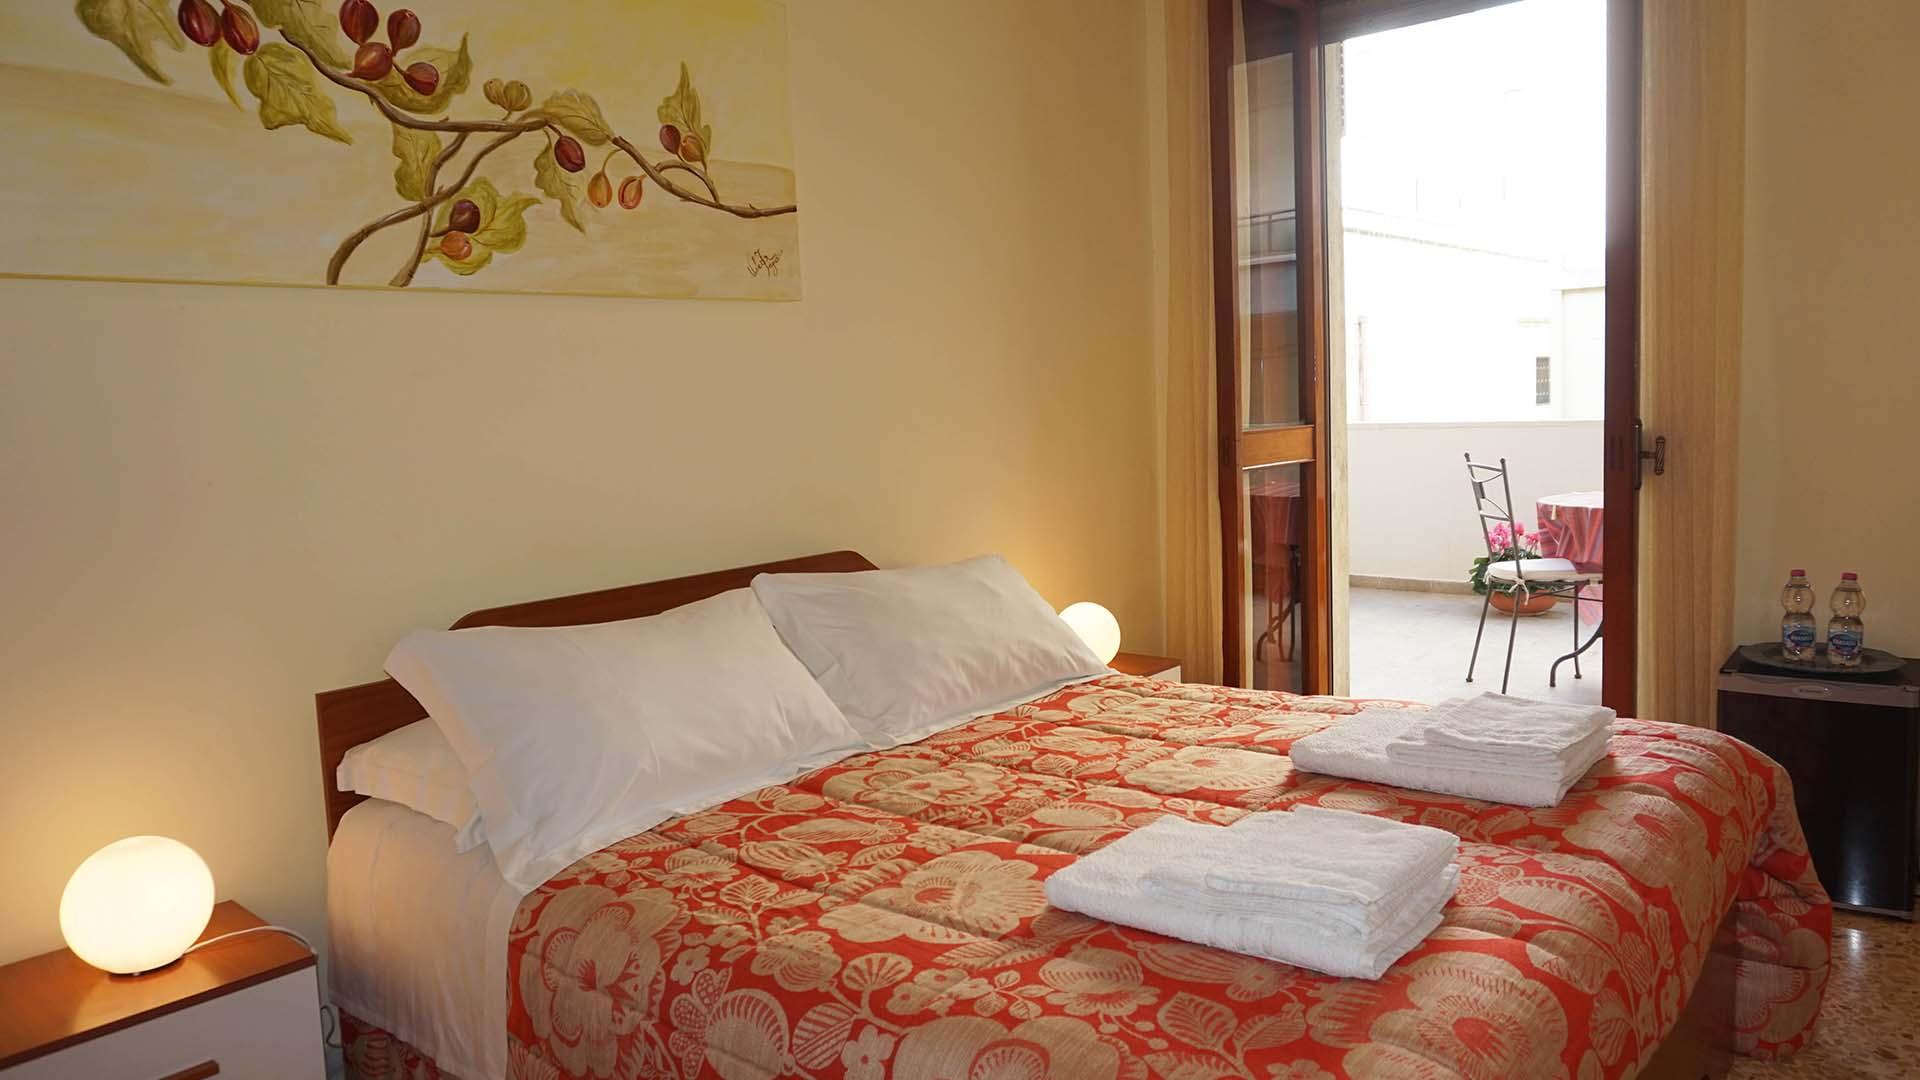 B&B Piazza 300mila Lecce-Location- Italiane